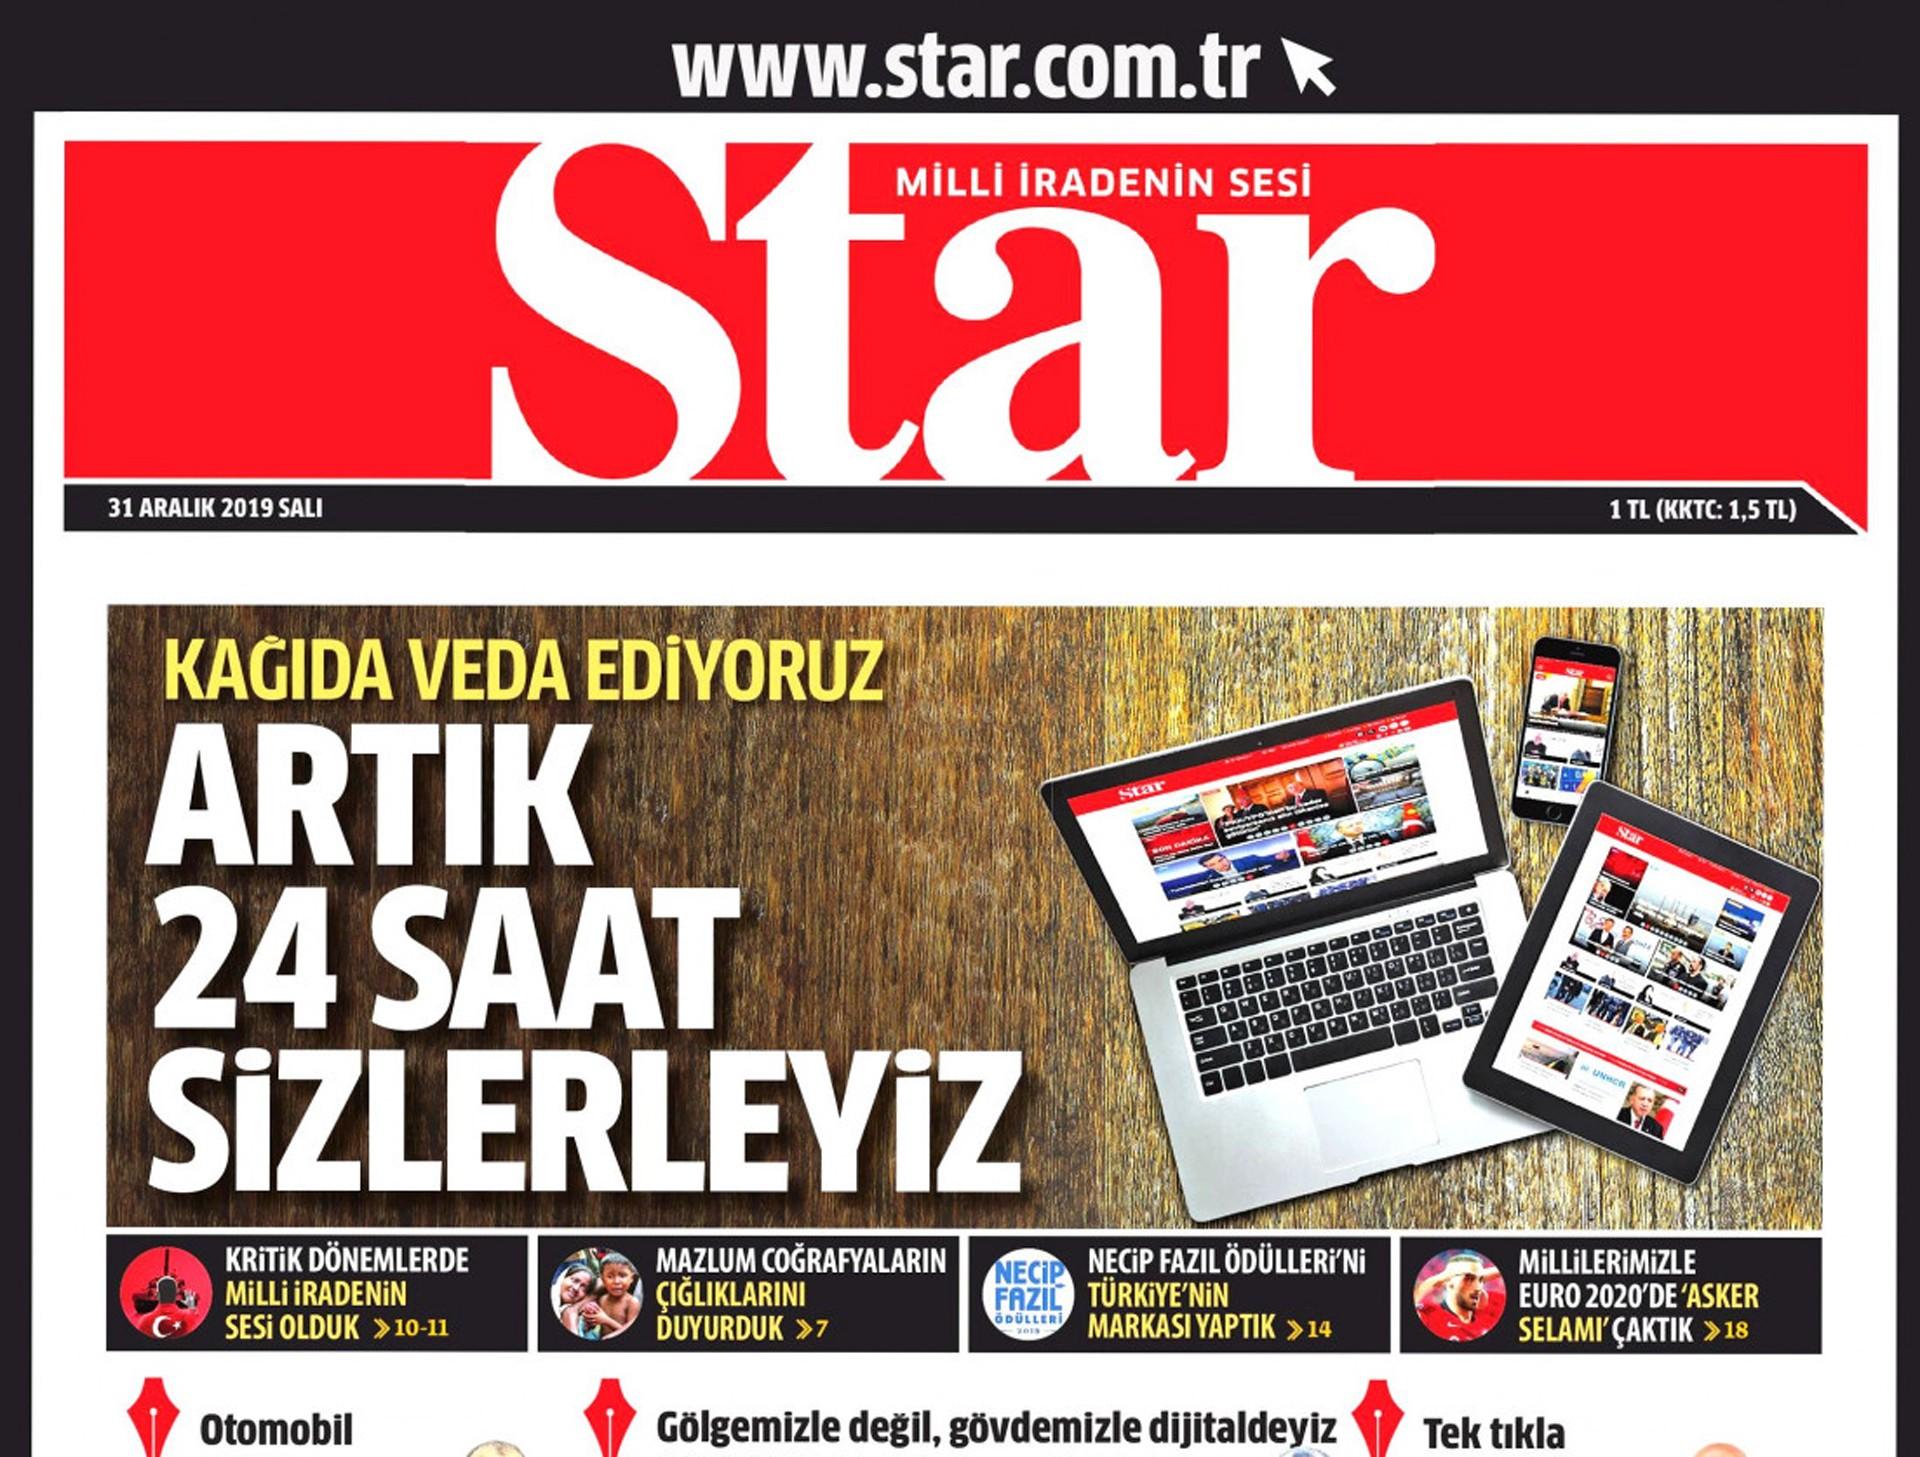 Star gazetesinin son sayısı